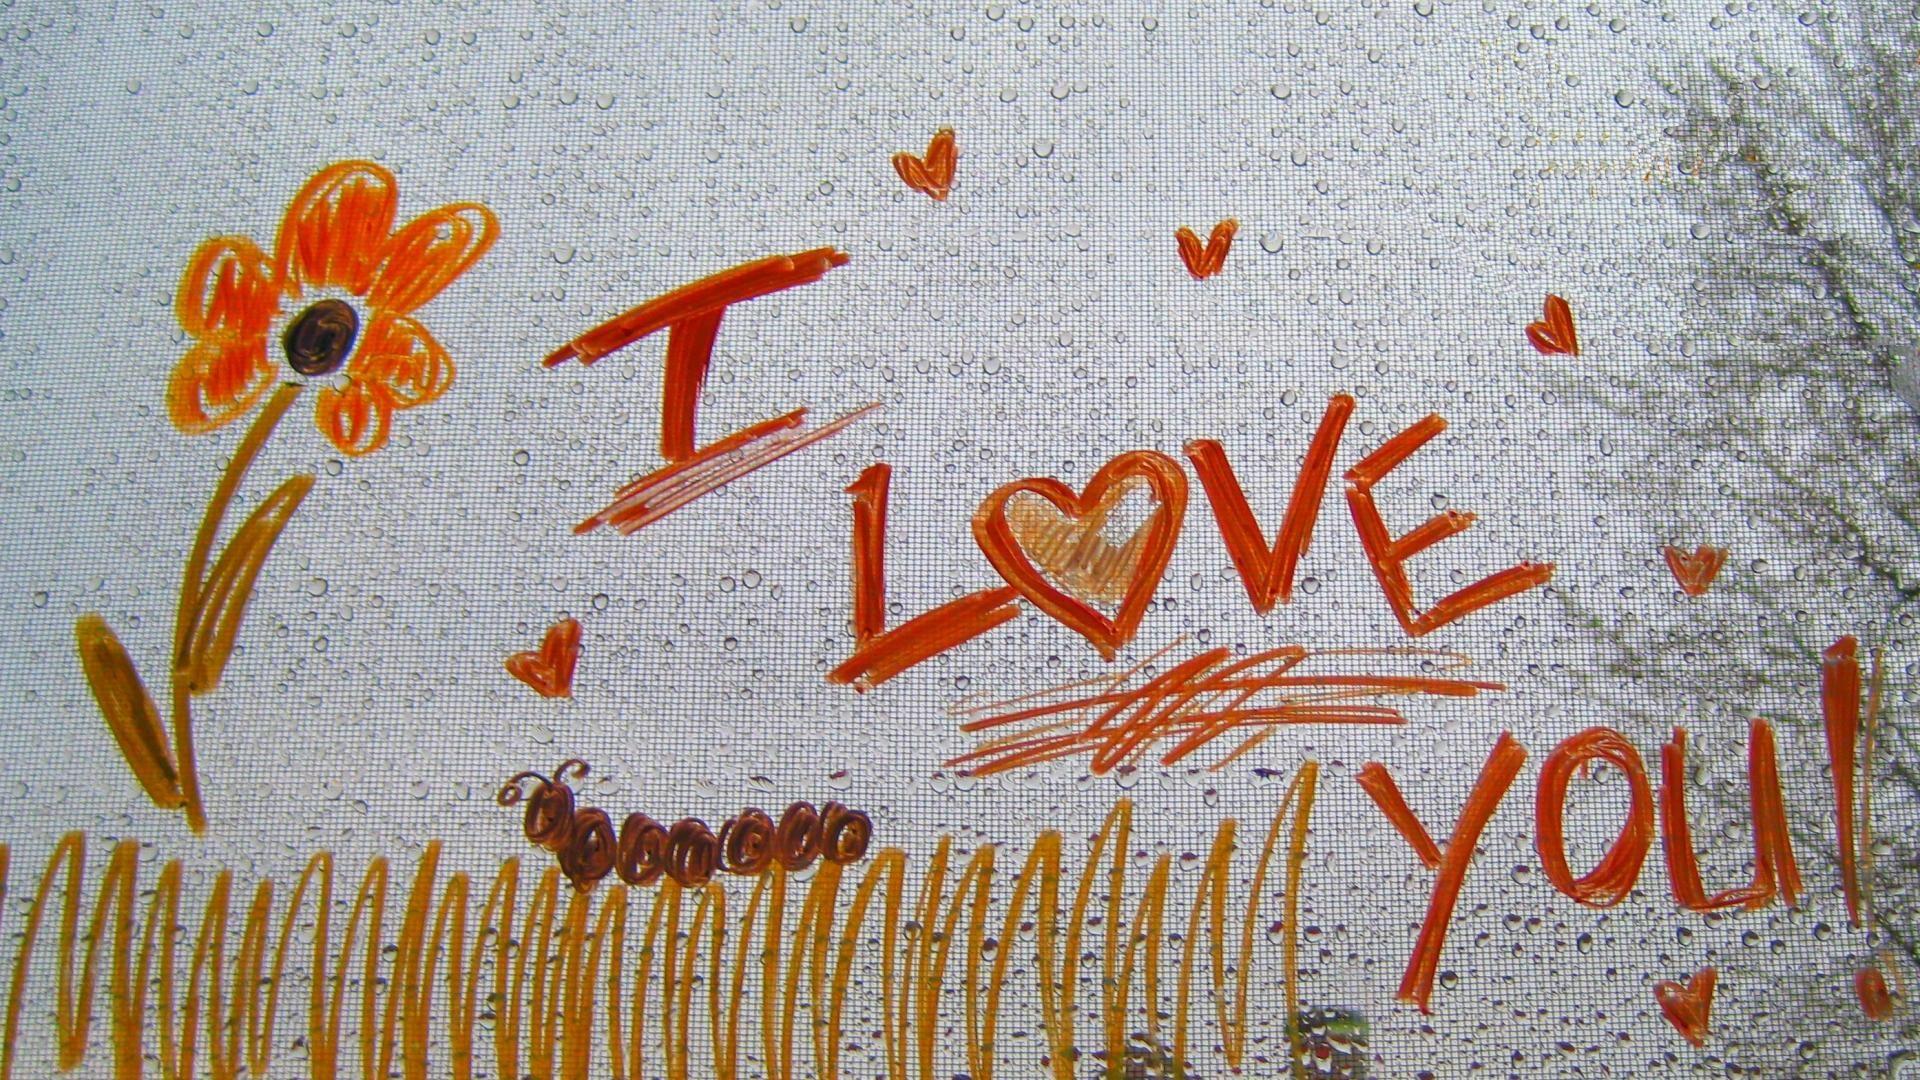 I Love You 2013 Art Images HD Wallpaper